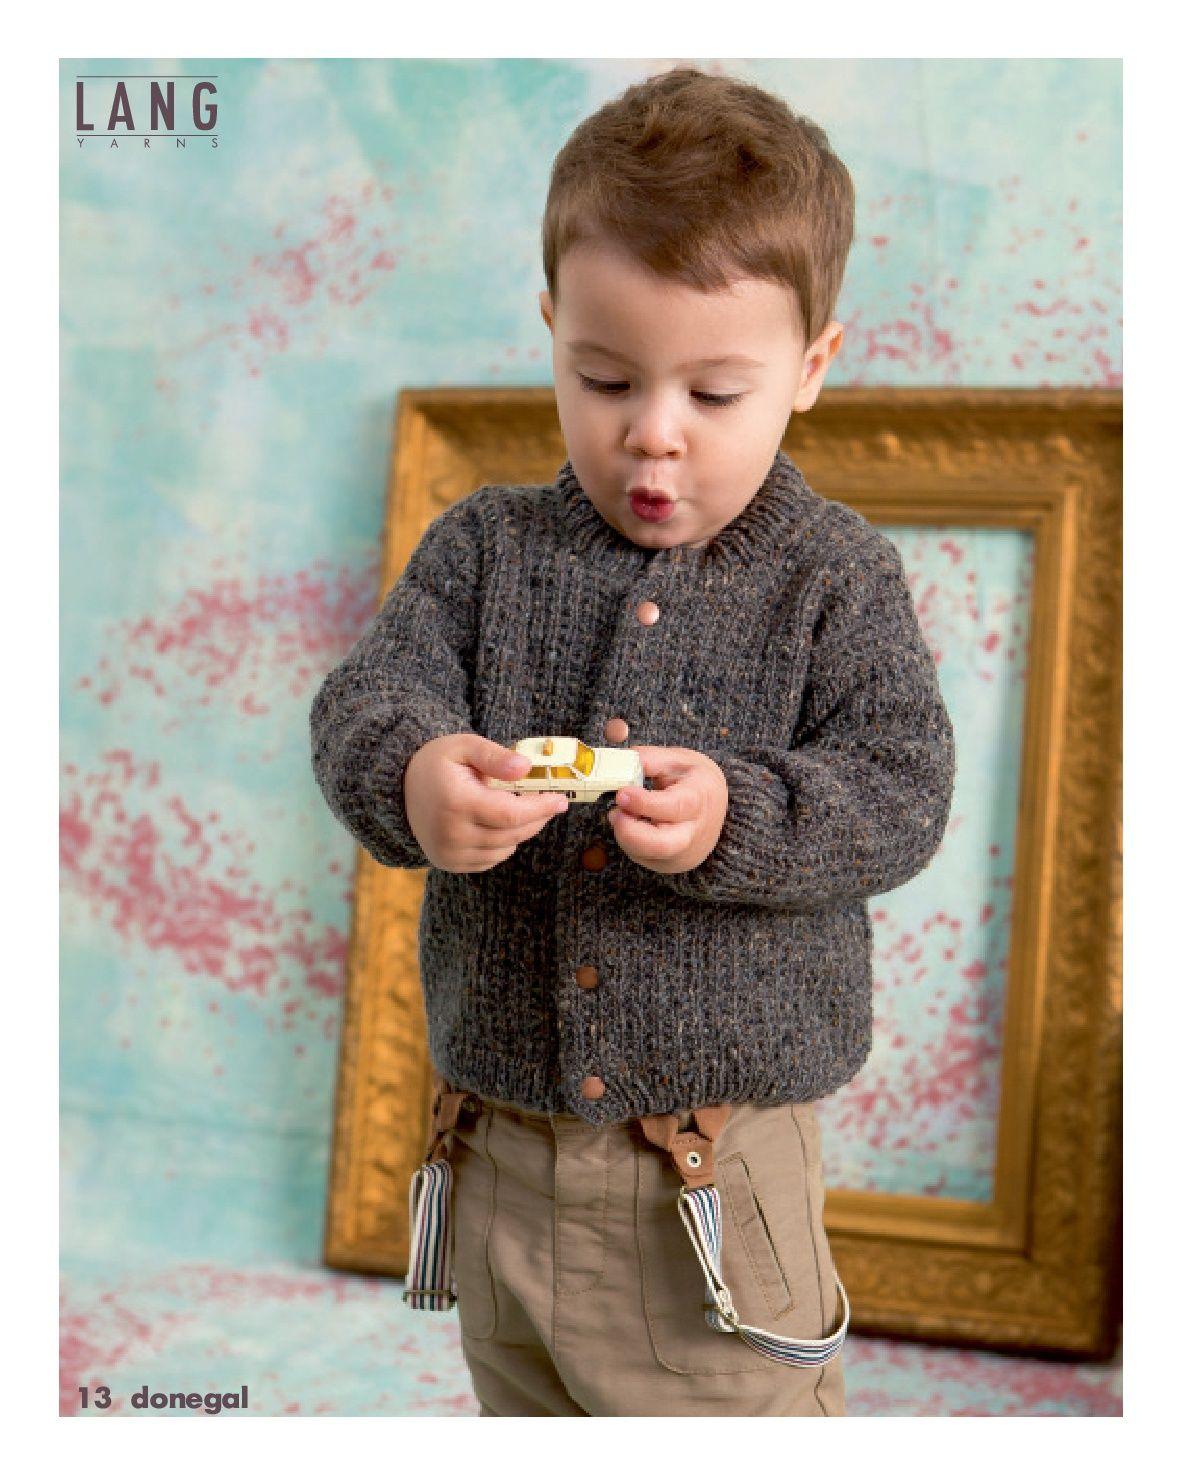 Jacke aus Donegal von @langyarns, Modell 13, Fatto A Mano 234 Elle Tricote